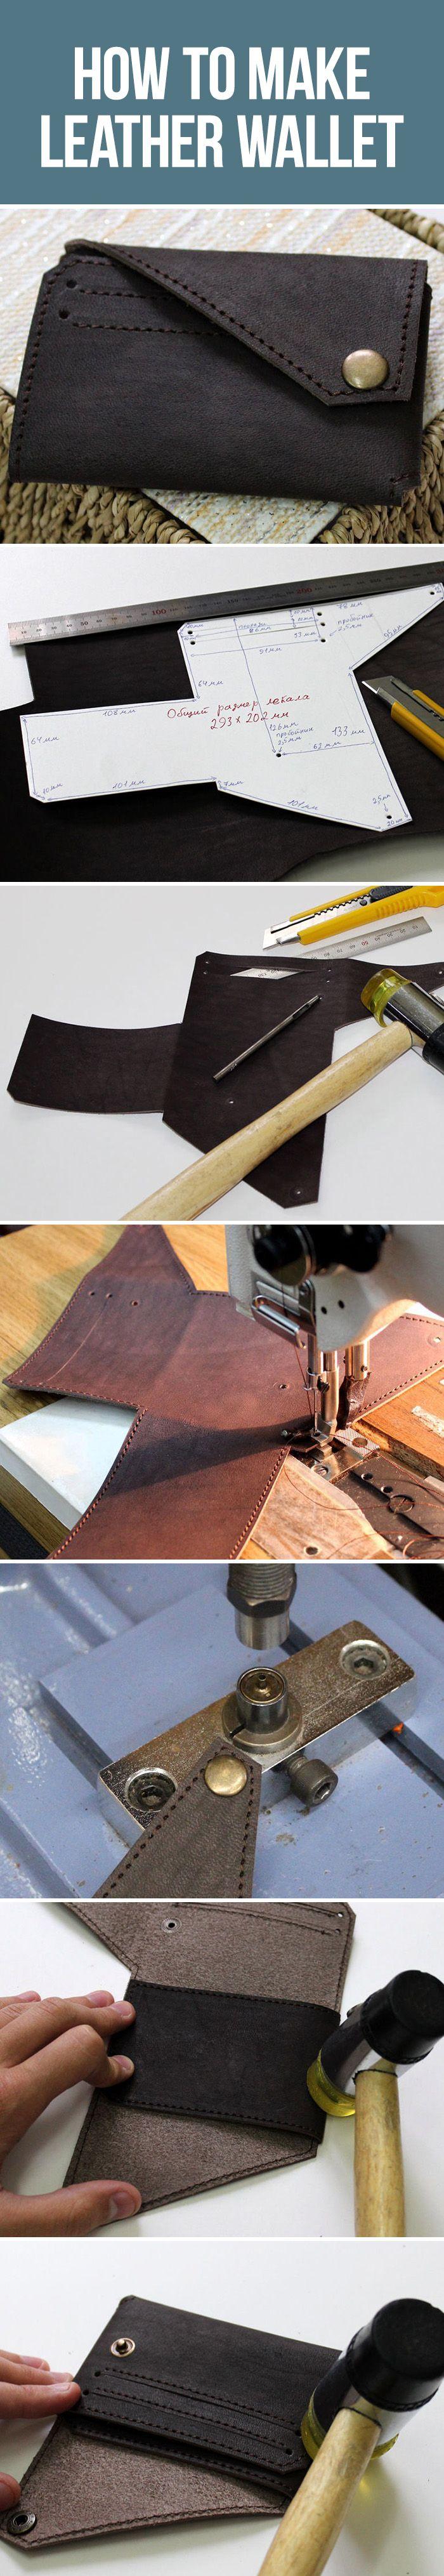 How to make leather wallet, tutorial / Небольшой аккуратный кошелек своими руками, выкройка, мастер-класс